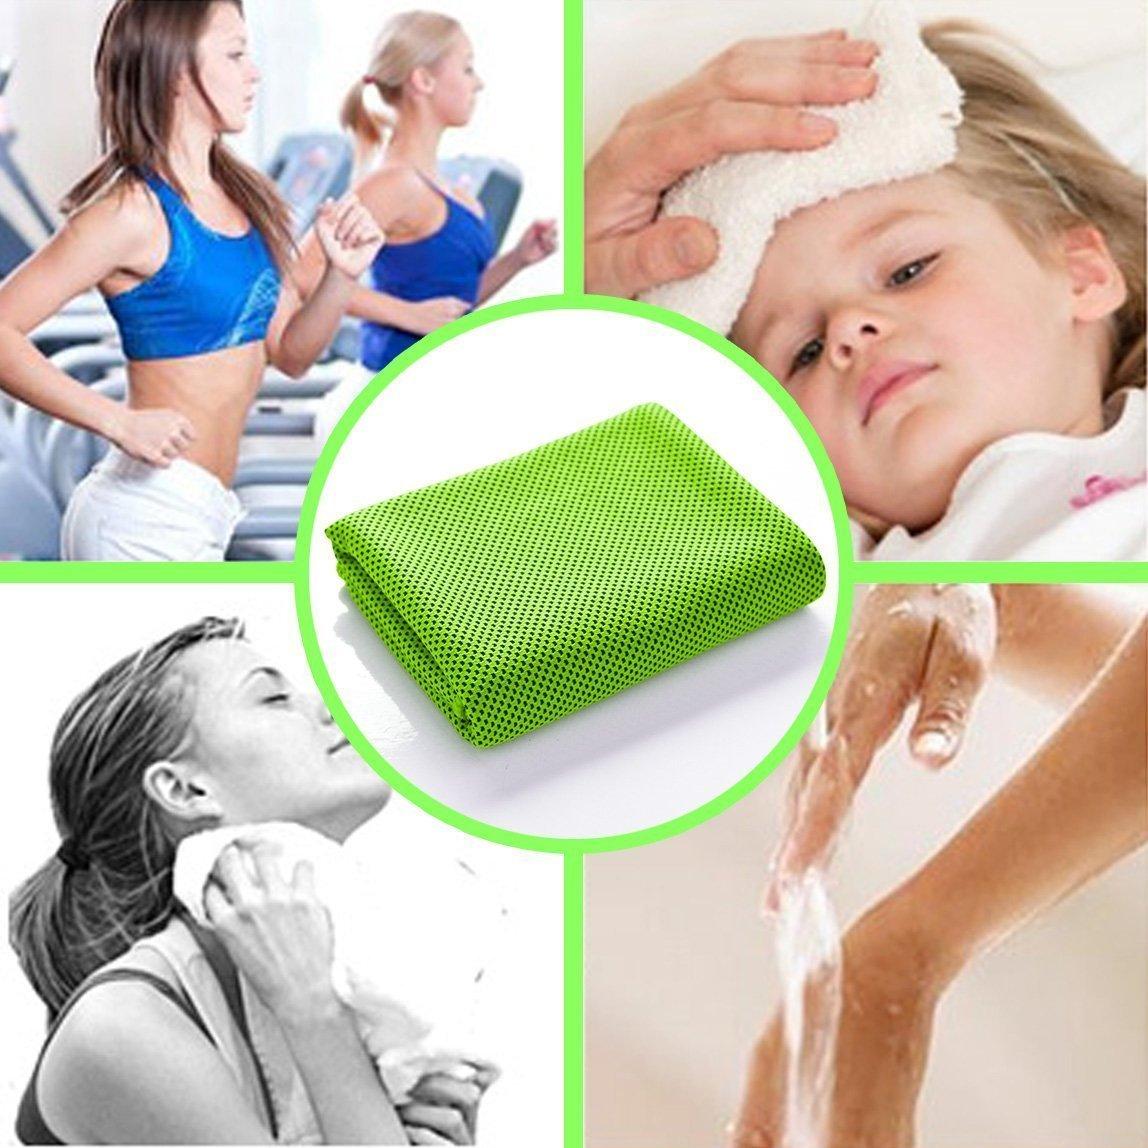 OMOTON Hightech-K/ühlung Handtuch f/ür sofortige Relief-Soft atmungsaktives Mesh Yoga Towel-Keep Cool f/ür Laufen Radfahren Wandern und alle Anderen Sport